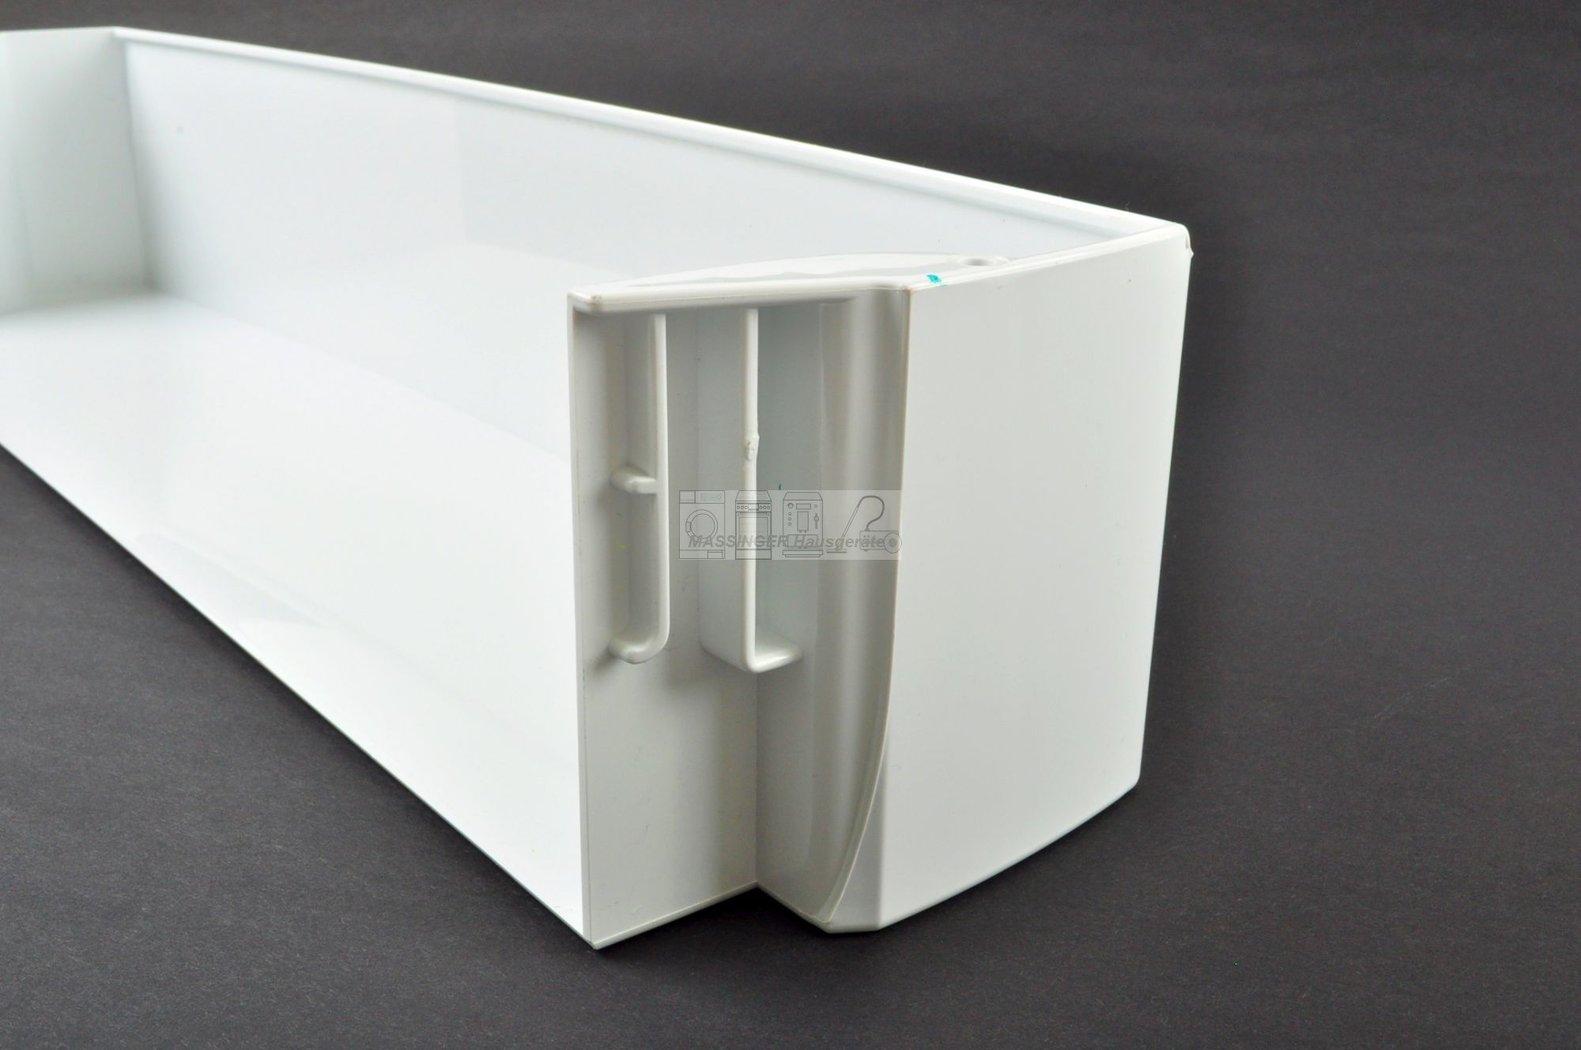 Siltal Automatic Kühlschrank Ersatzteile : Quelle privileg kühlschrank bedienungsanleitung ersatzteile